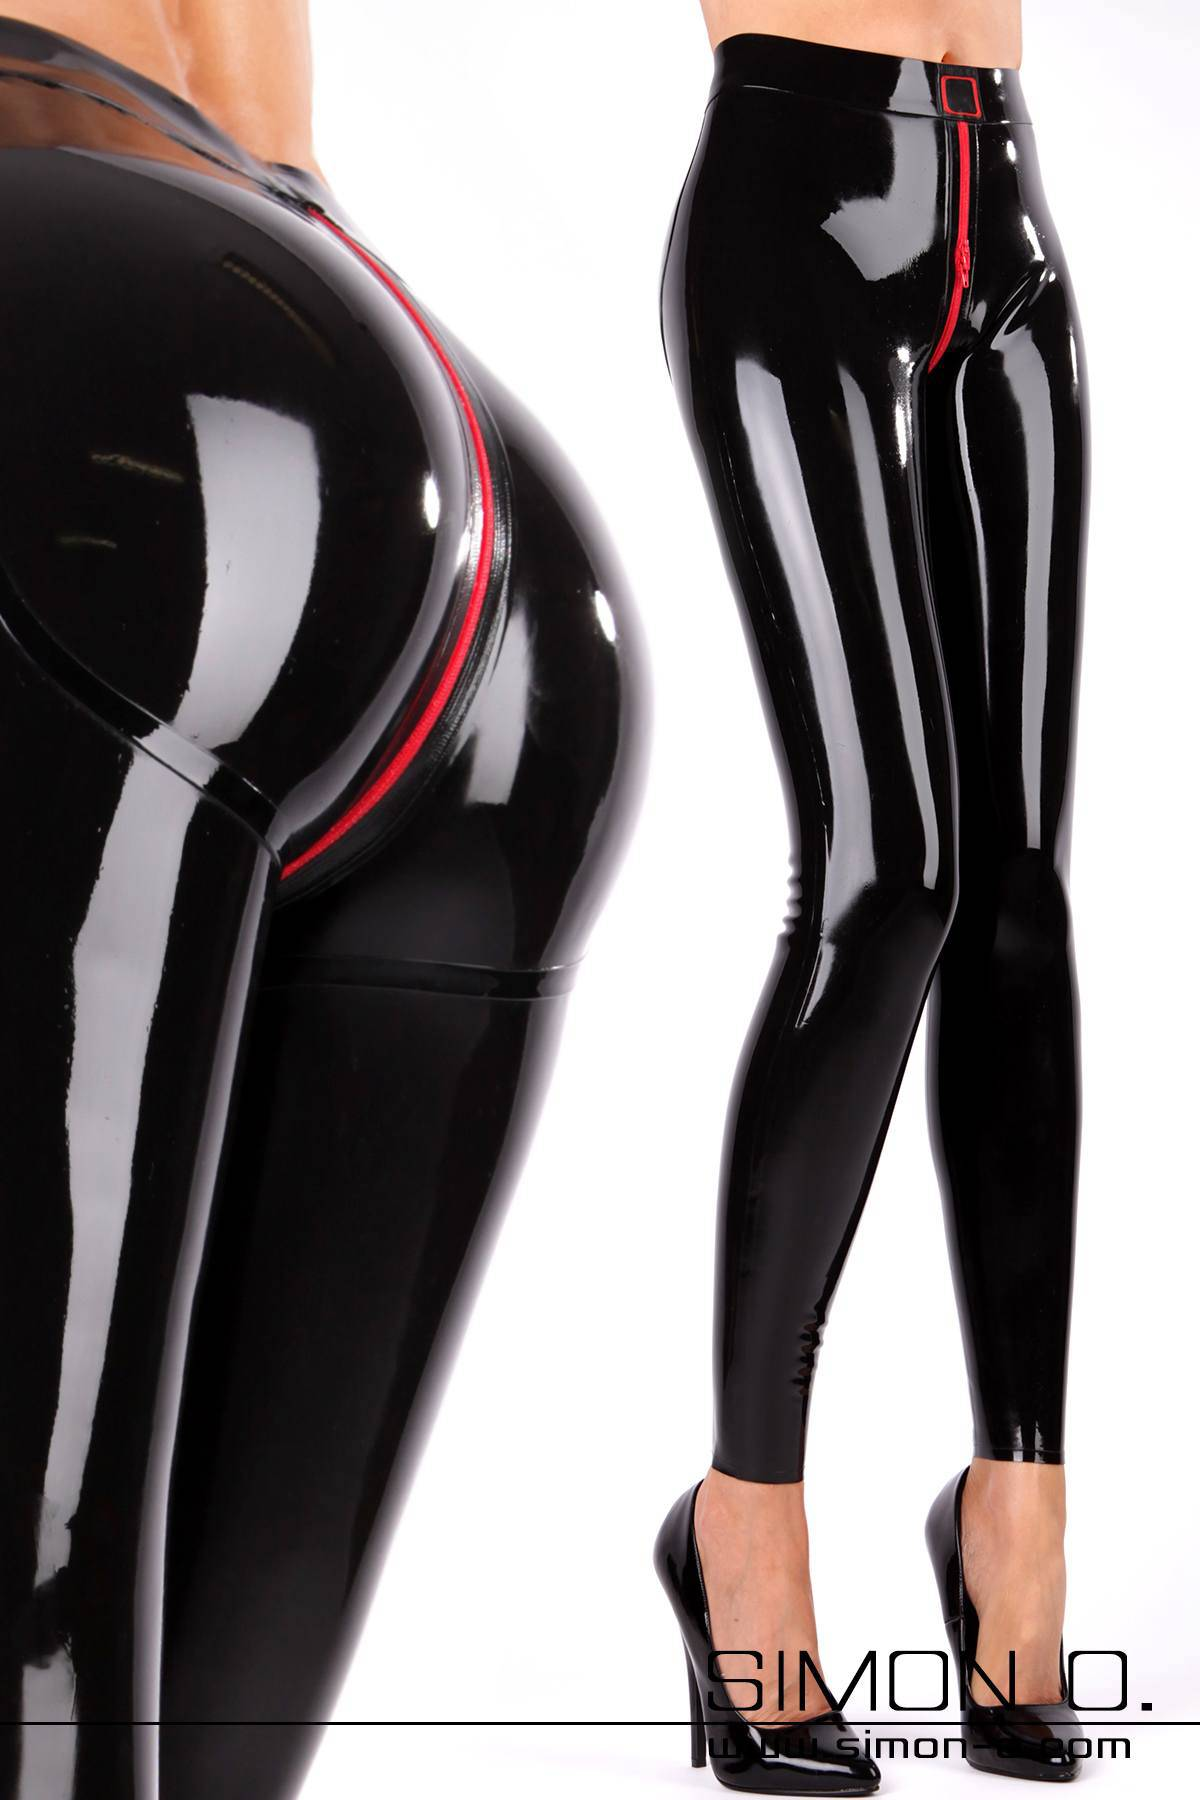 Schlanke Beine in glänzenden Latex Leggings mit schwarzen high Heels im Schritt ist eine roter Reißverschluss